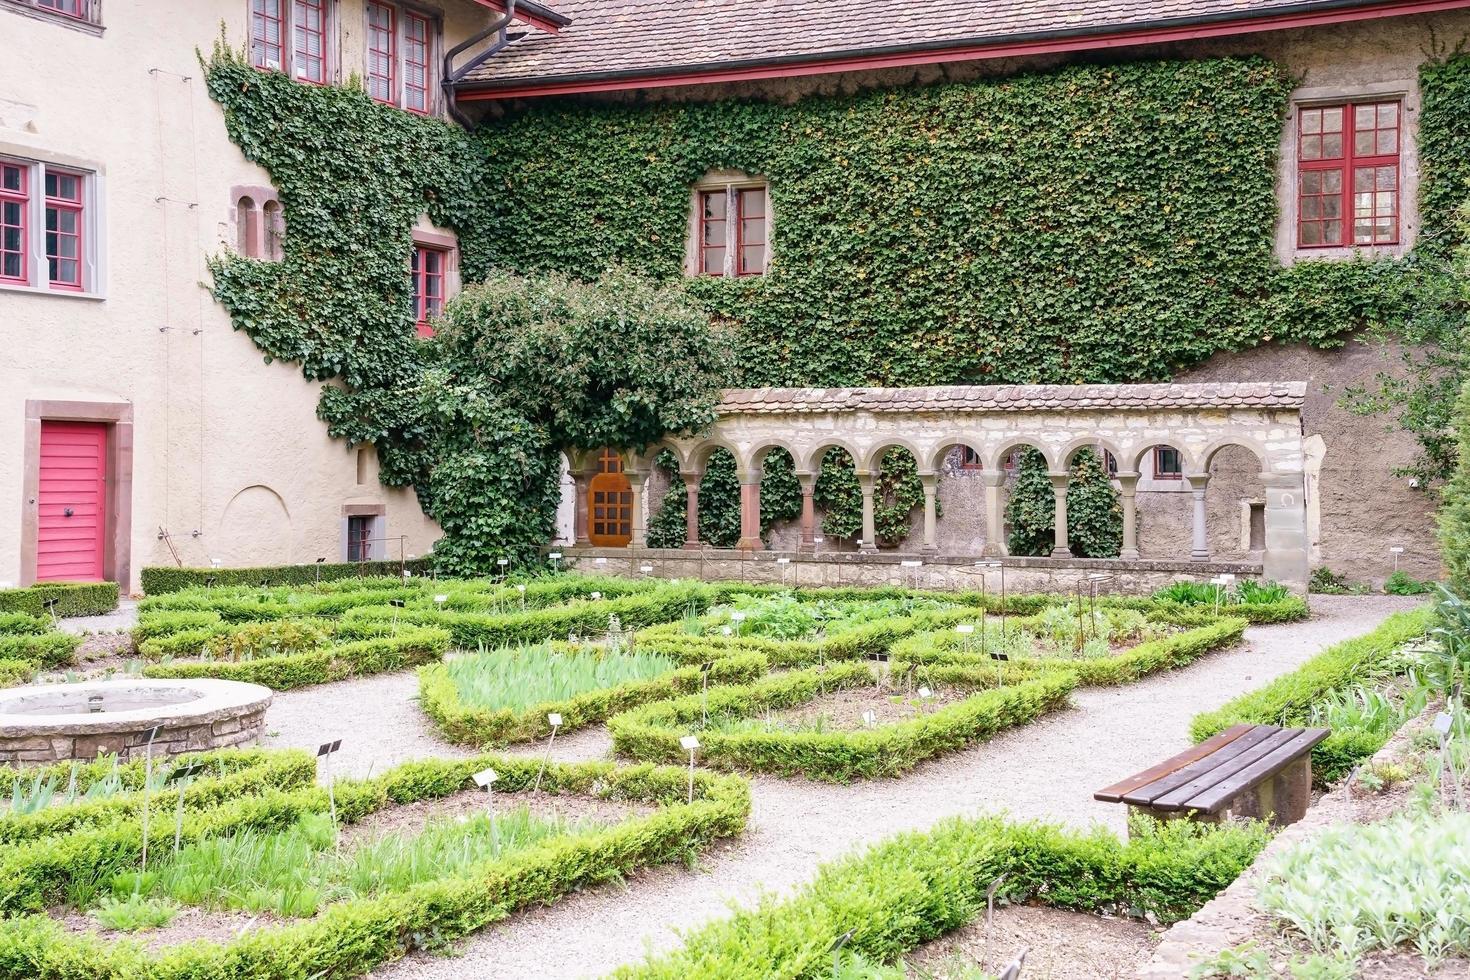 Le jardin de l'abbaye de tous les saints à schaffhausen, suisse photo